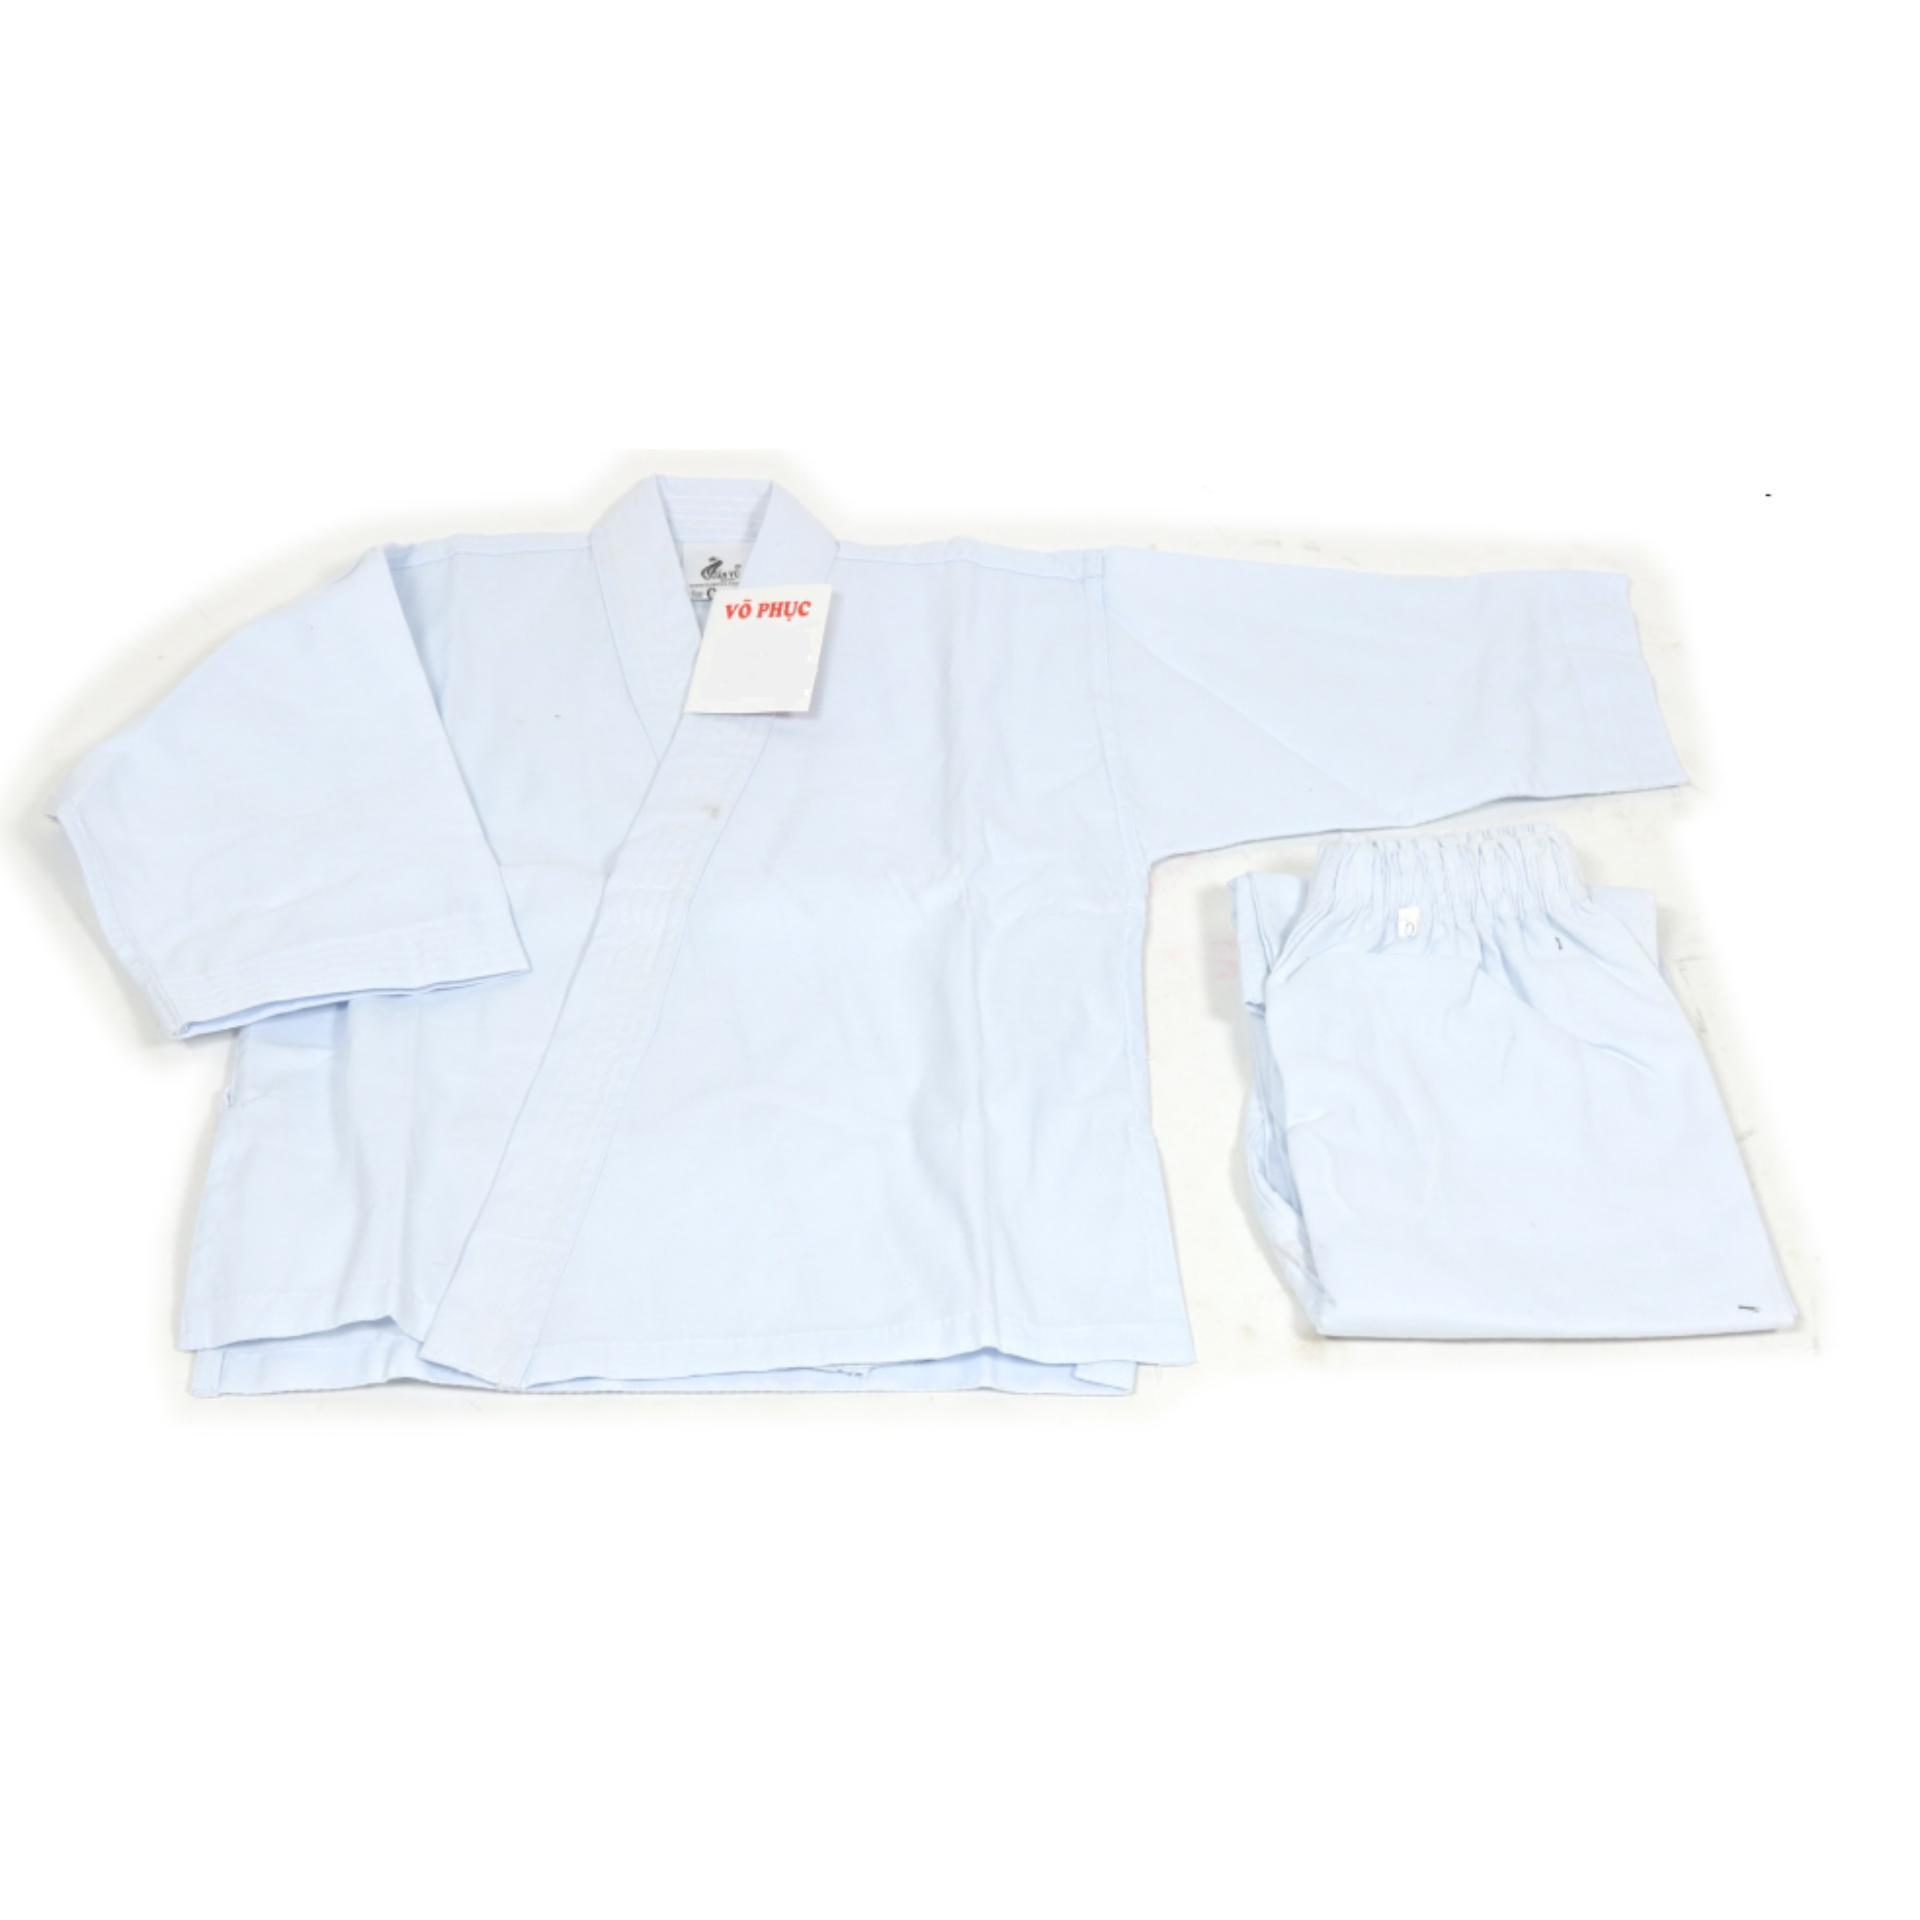 Võ phục quần áo Karate vải phin giá rẻ